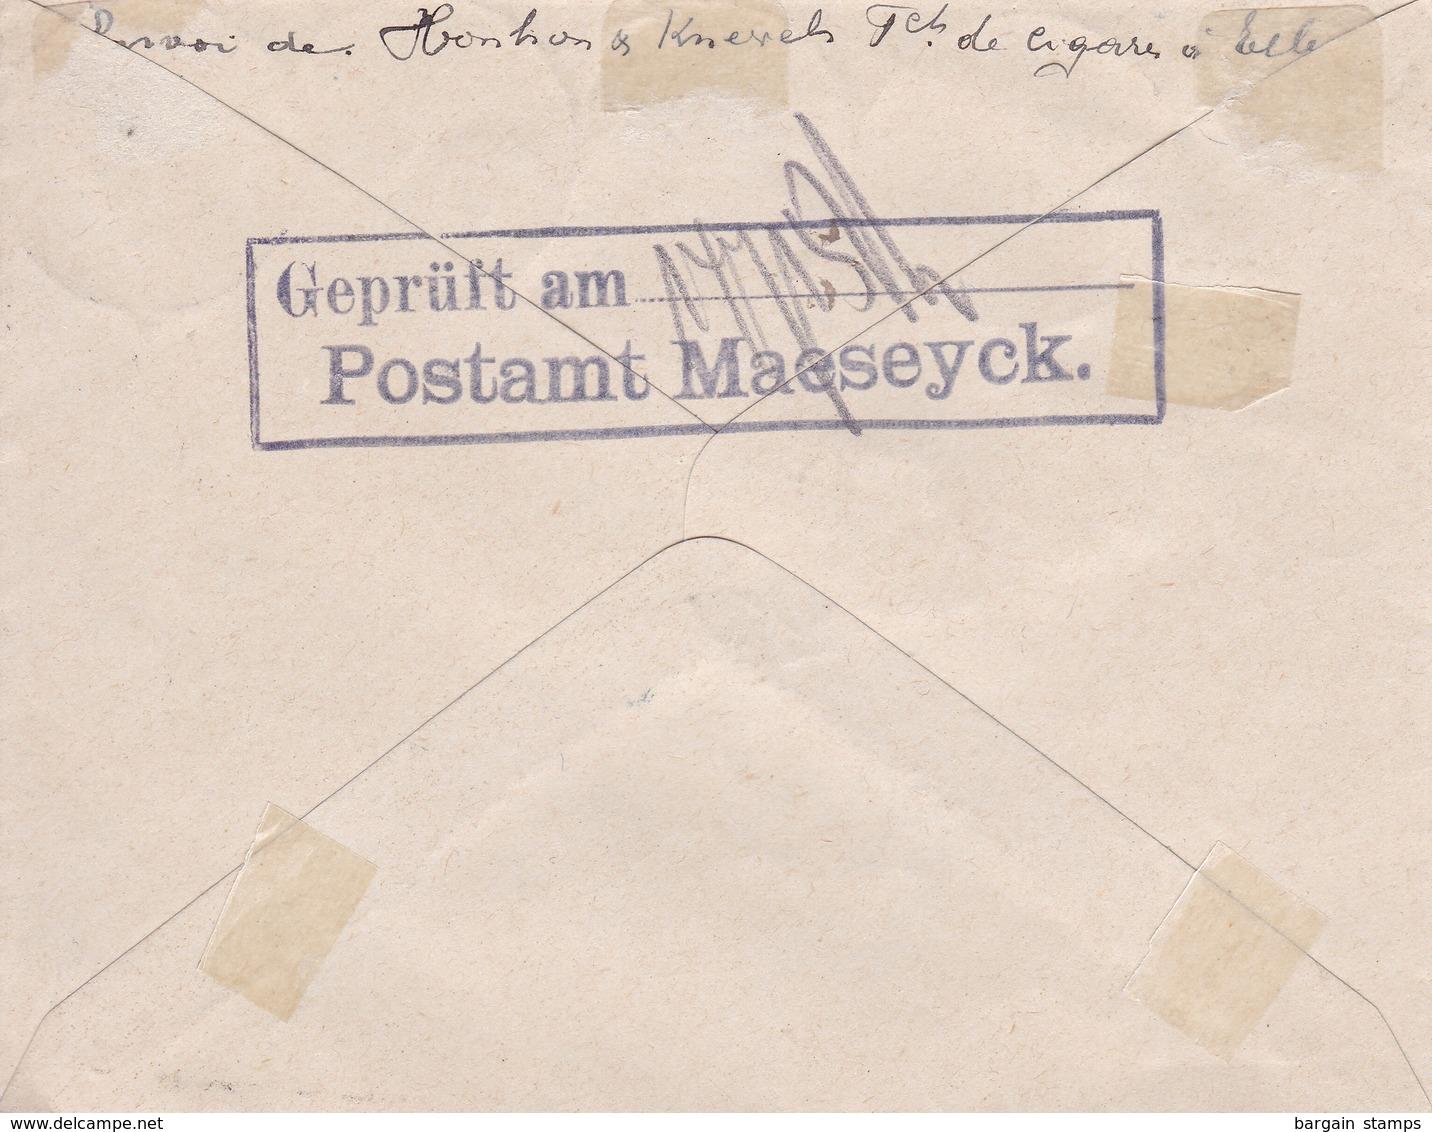 Belgique - COB OC 1 2 3 Et 4 Sur Lettre Recommandée De Maeseyck (Maaseik) à Anvers - Juillet 1915 - Oorlog 14-18